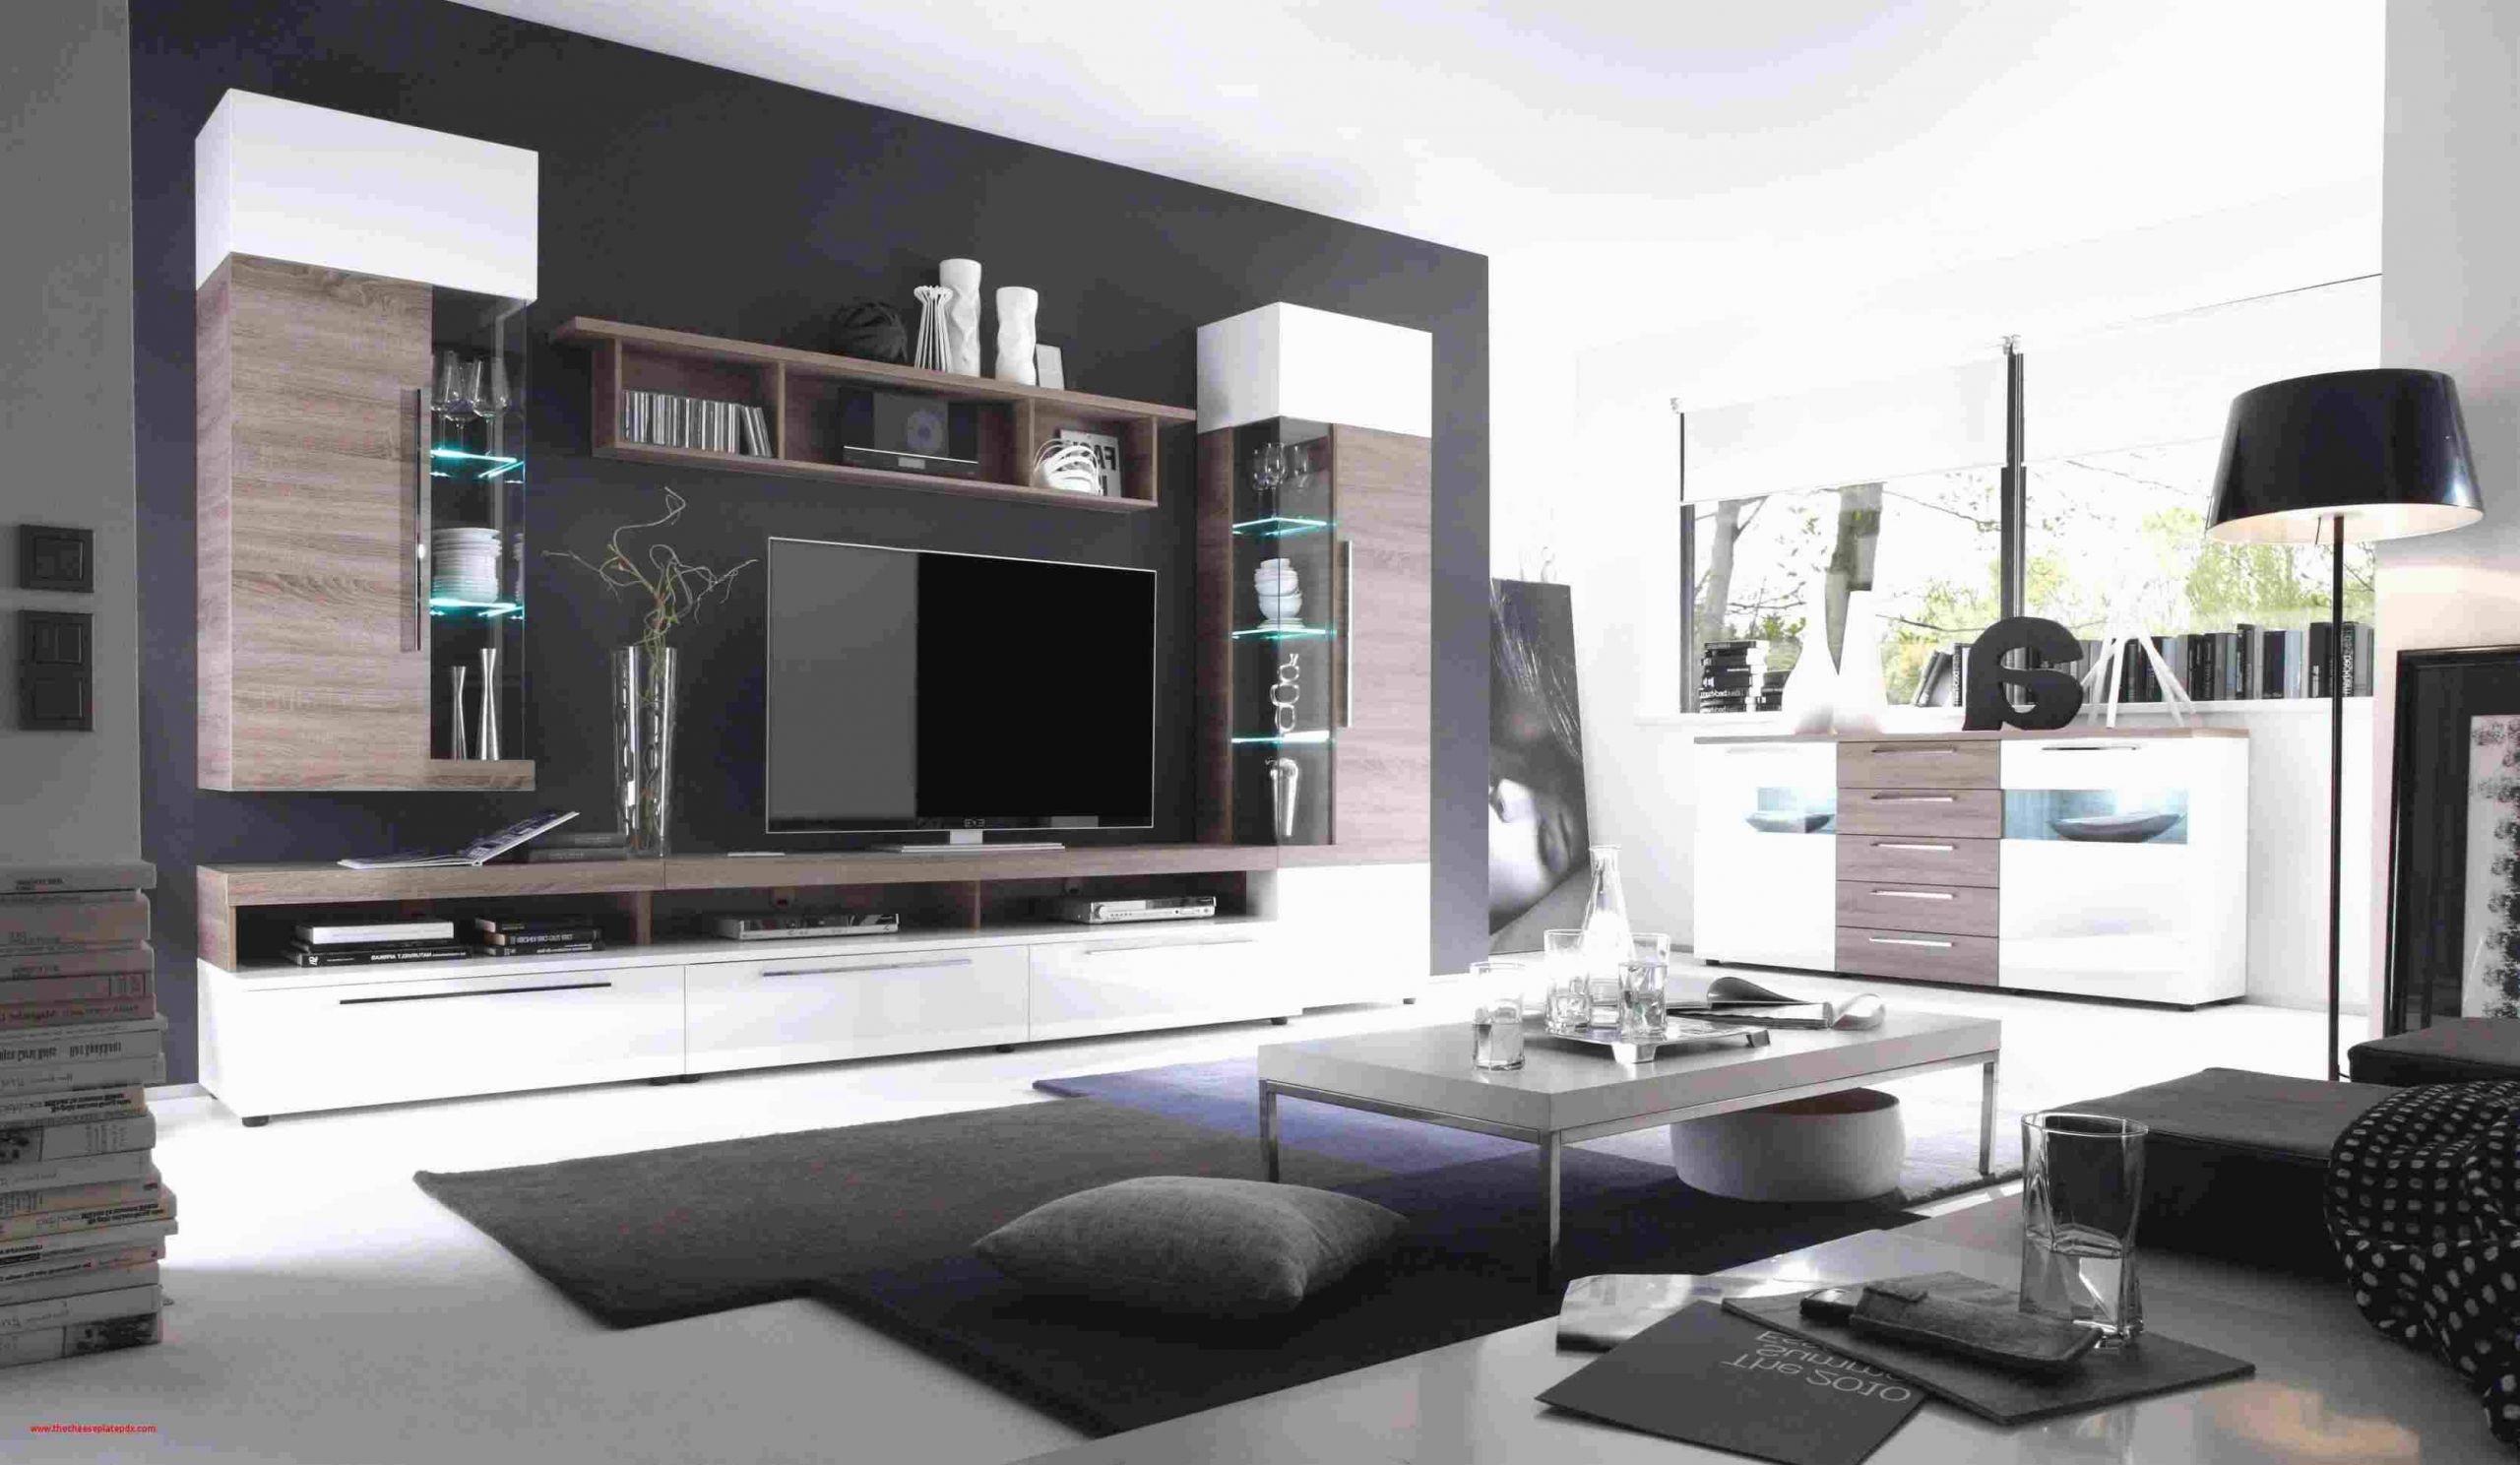 wohnzimmer deko wand einzigartig 50 einzigartig von wohnzimmer deko selber machen meinung of wohnzimmer deko wand